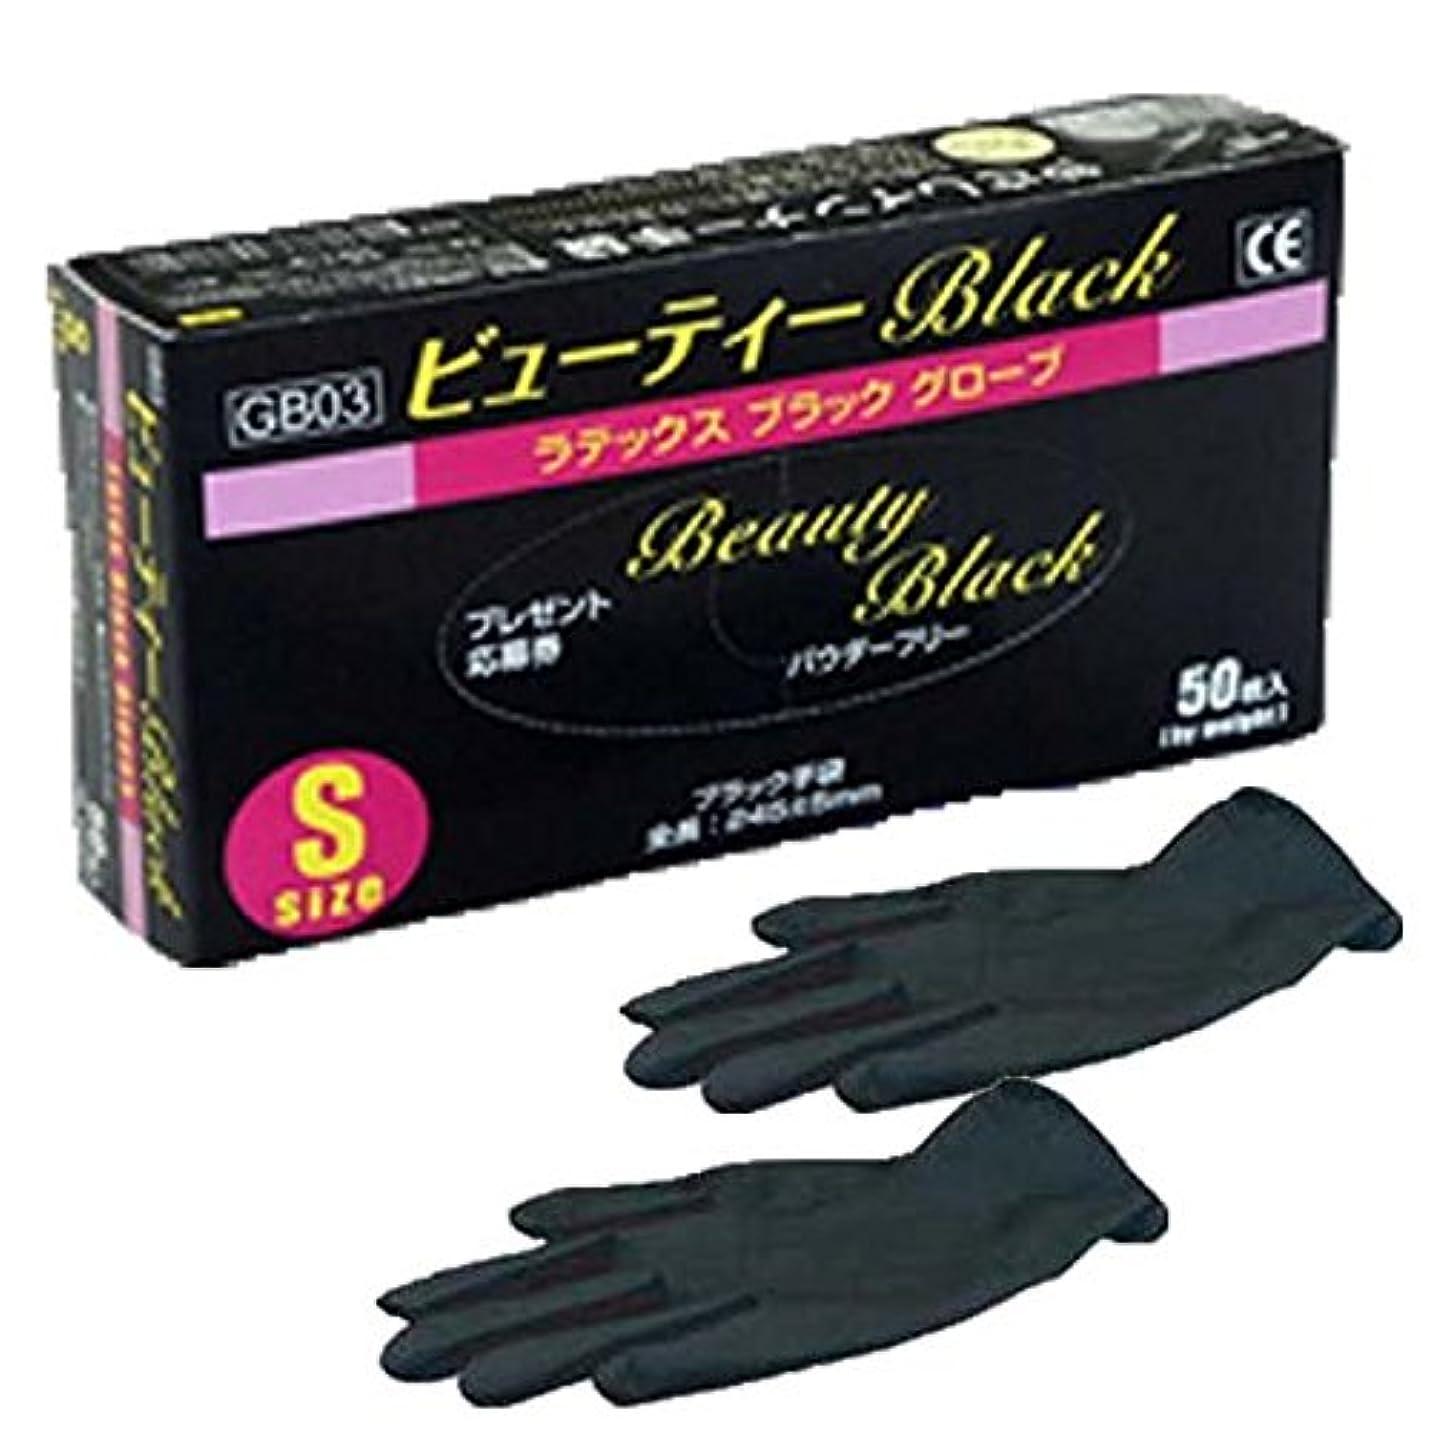 補償頑固な陸軍ビューティー BLACK ラテックス ブラック グローブ Sサイズ(6.5~7吋) 50枚入り